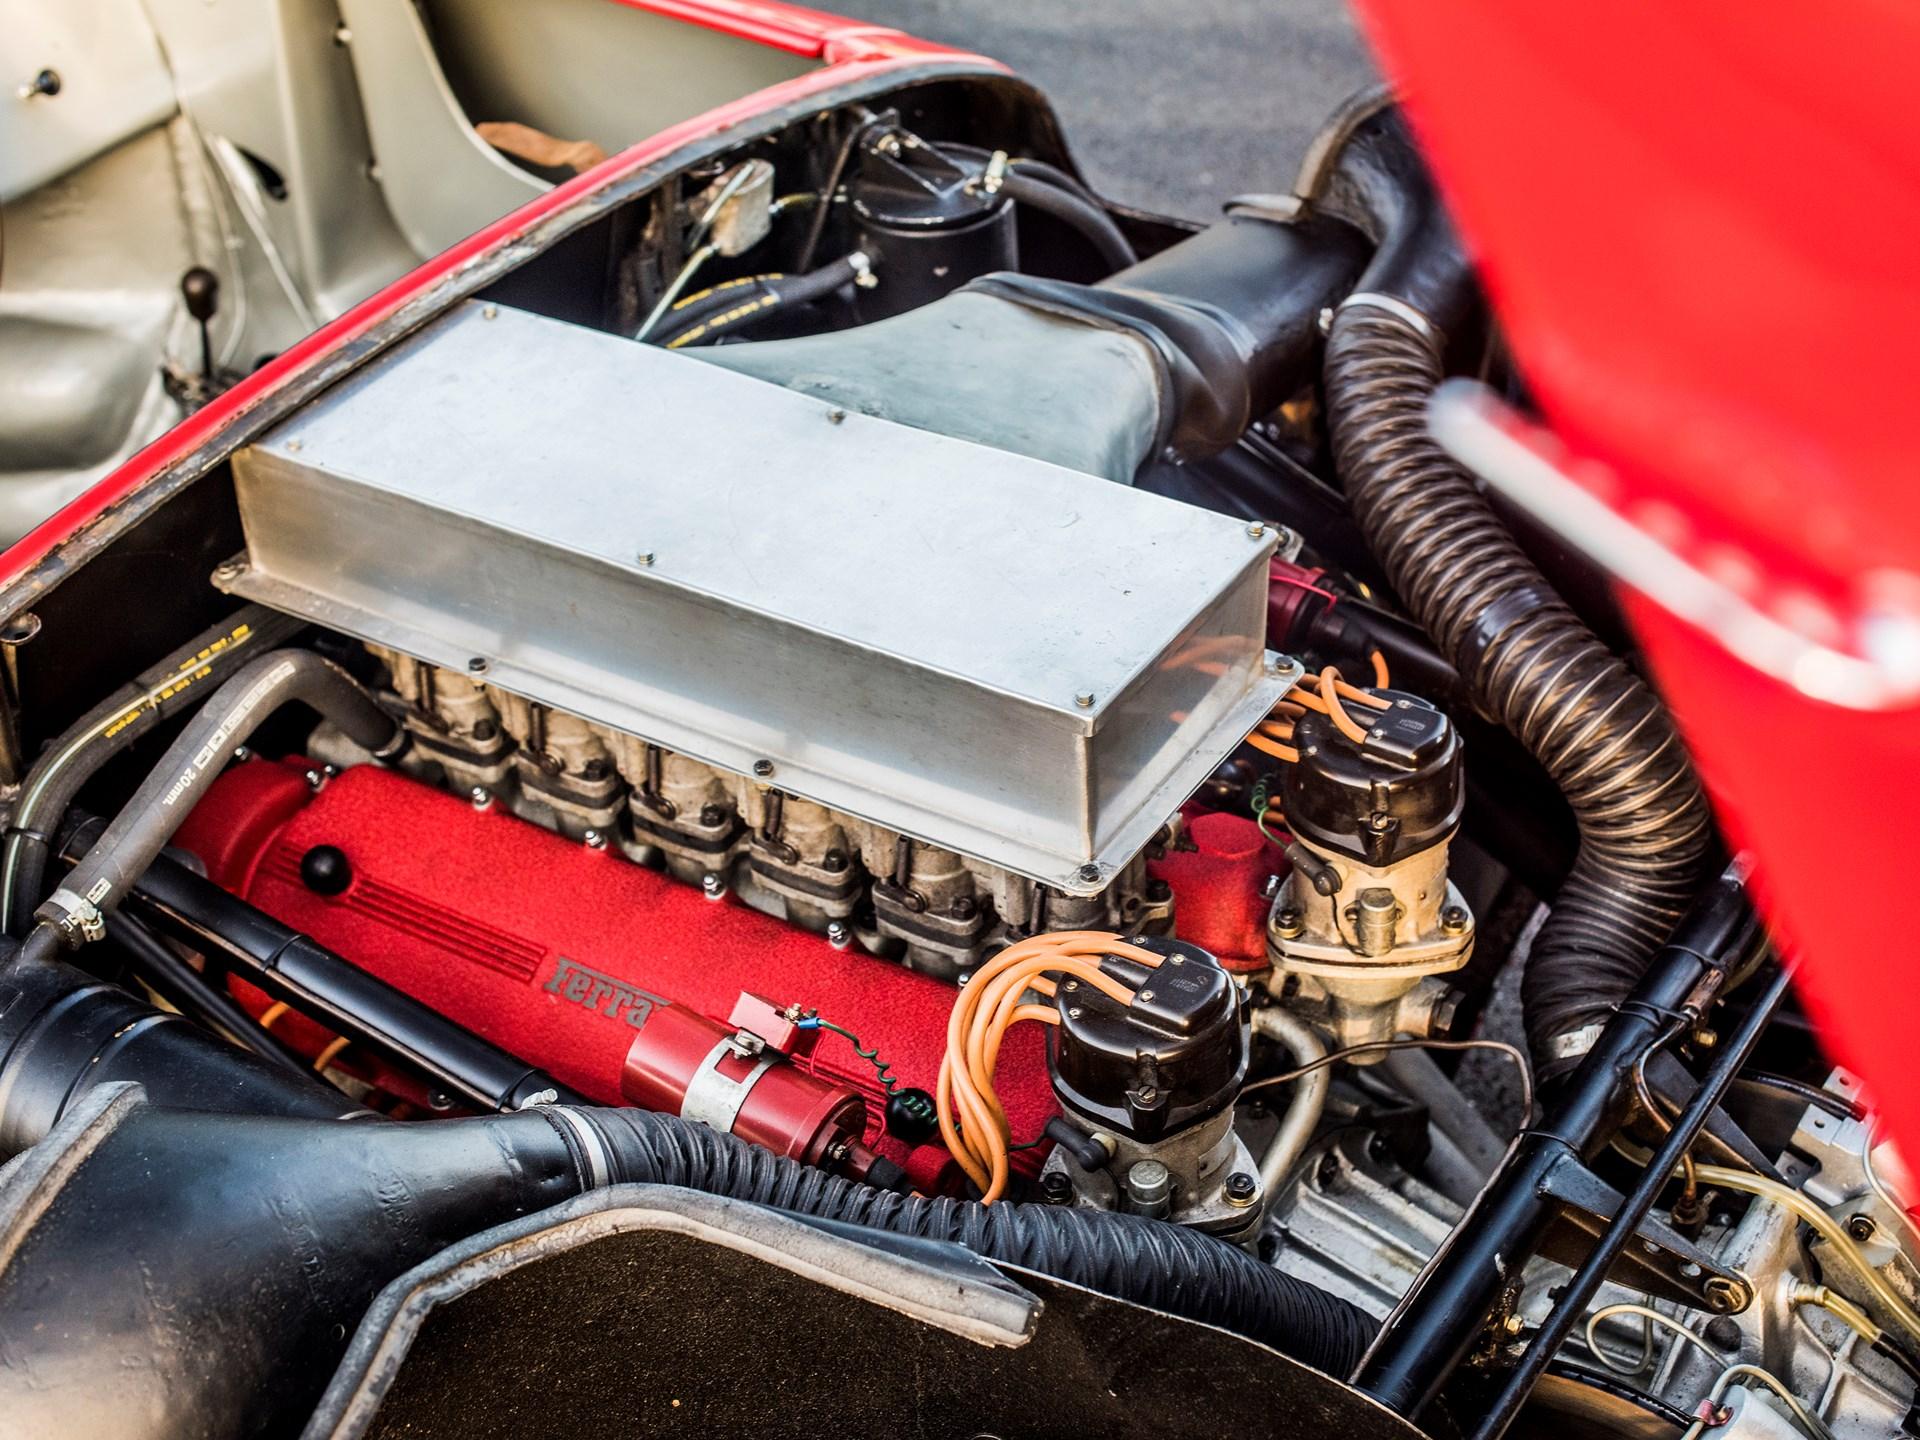 1963 Ferrari 275P  engine and carbs